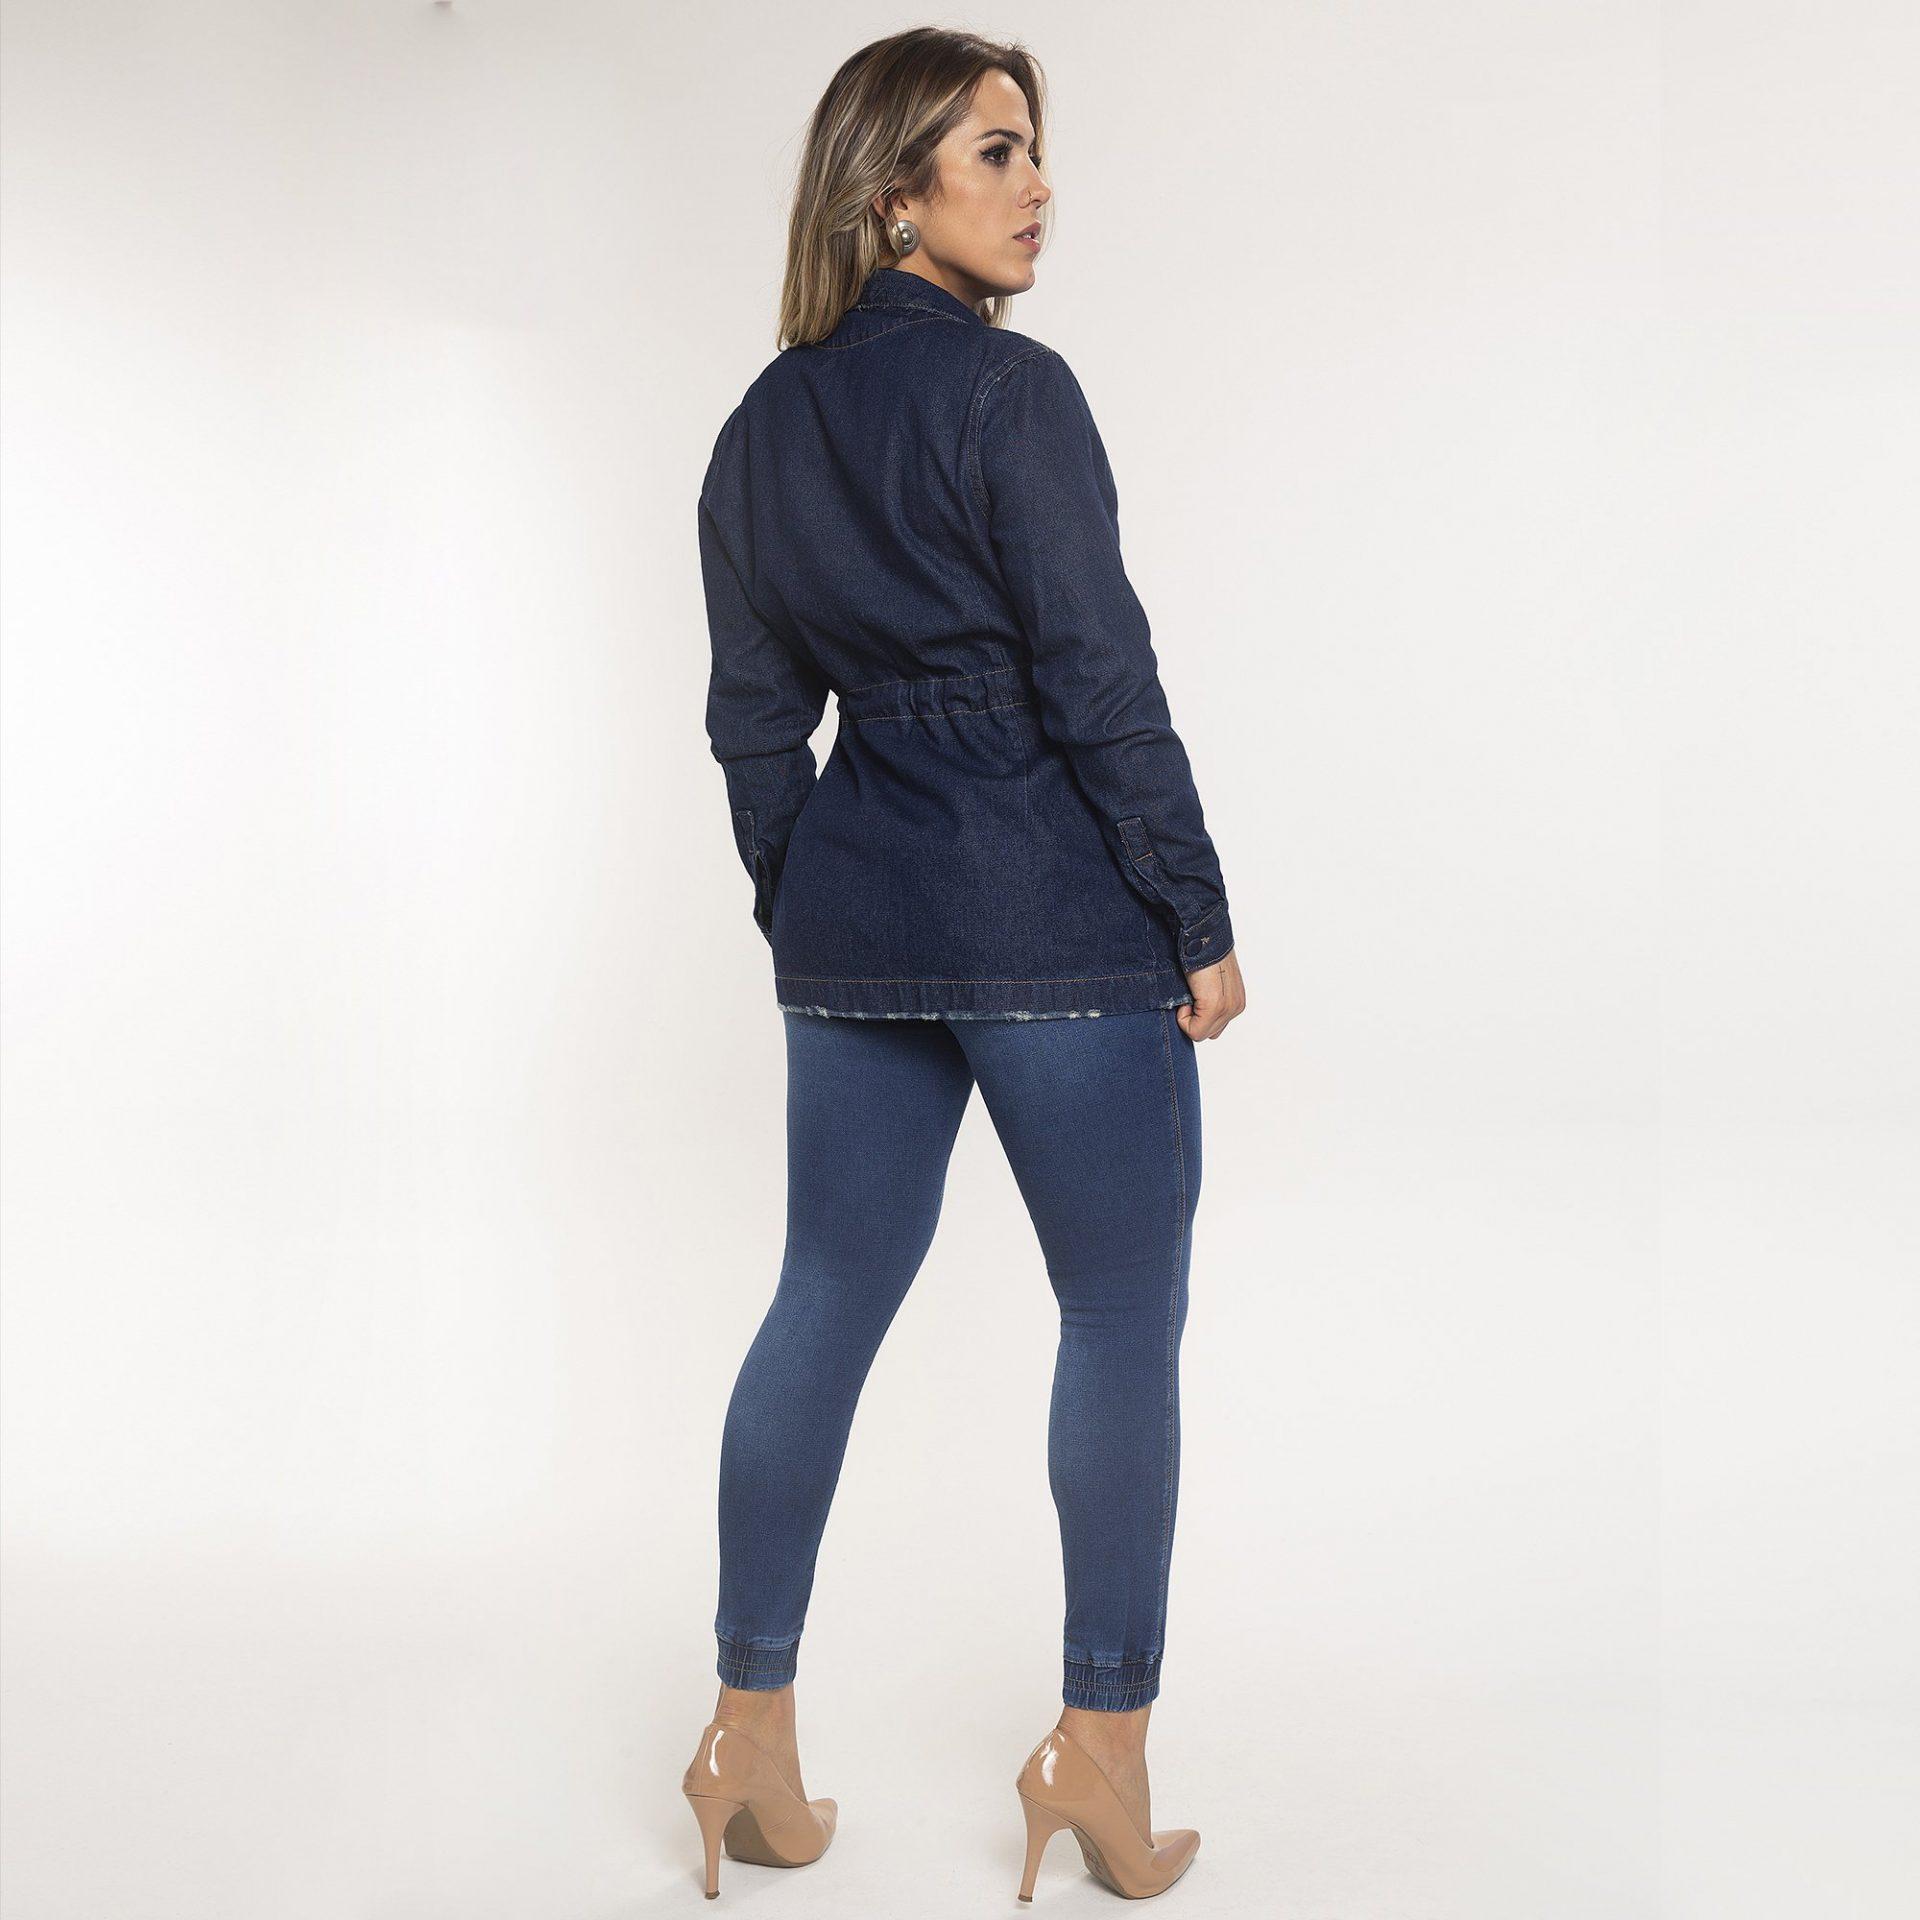 Casaco Jeans e Calça Jogger